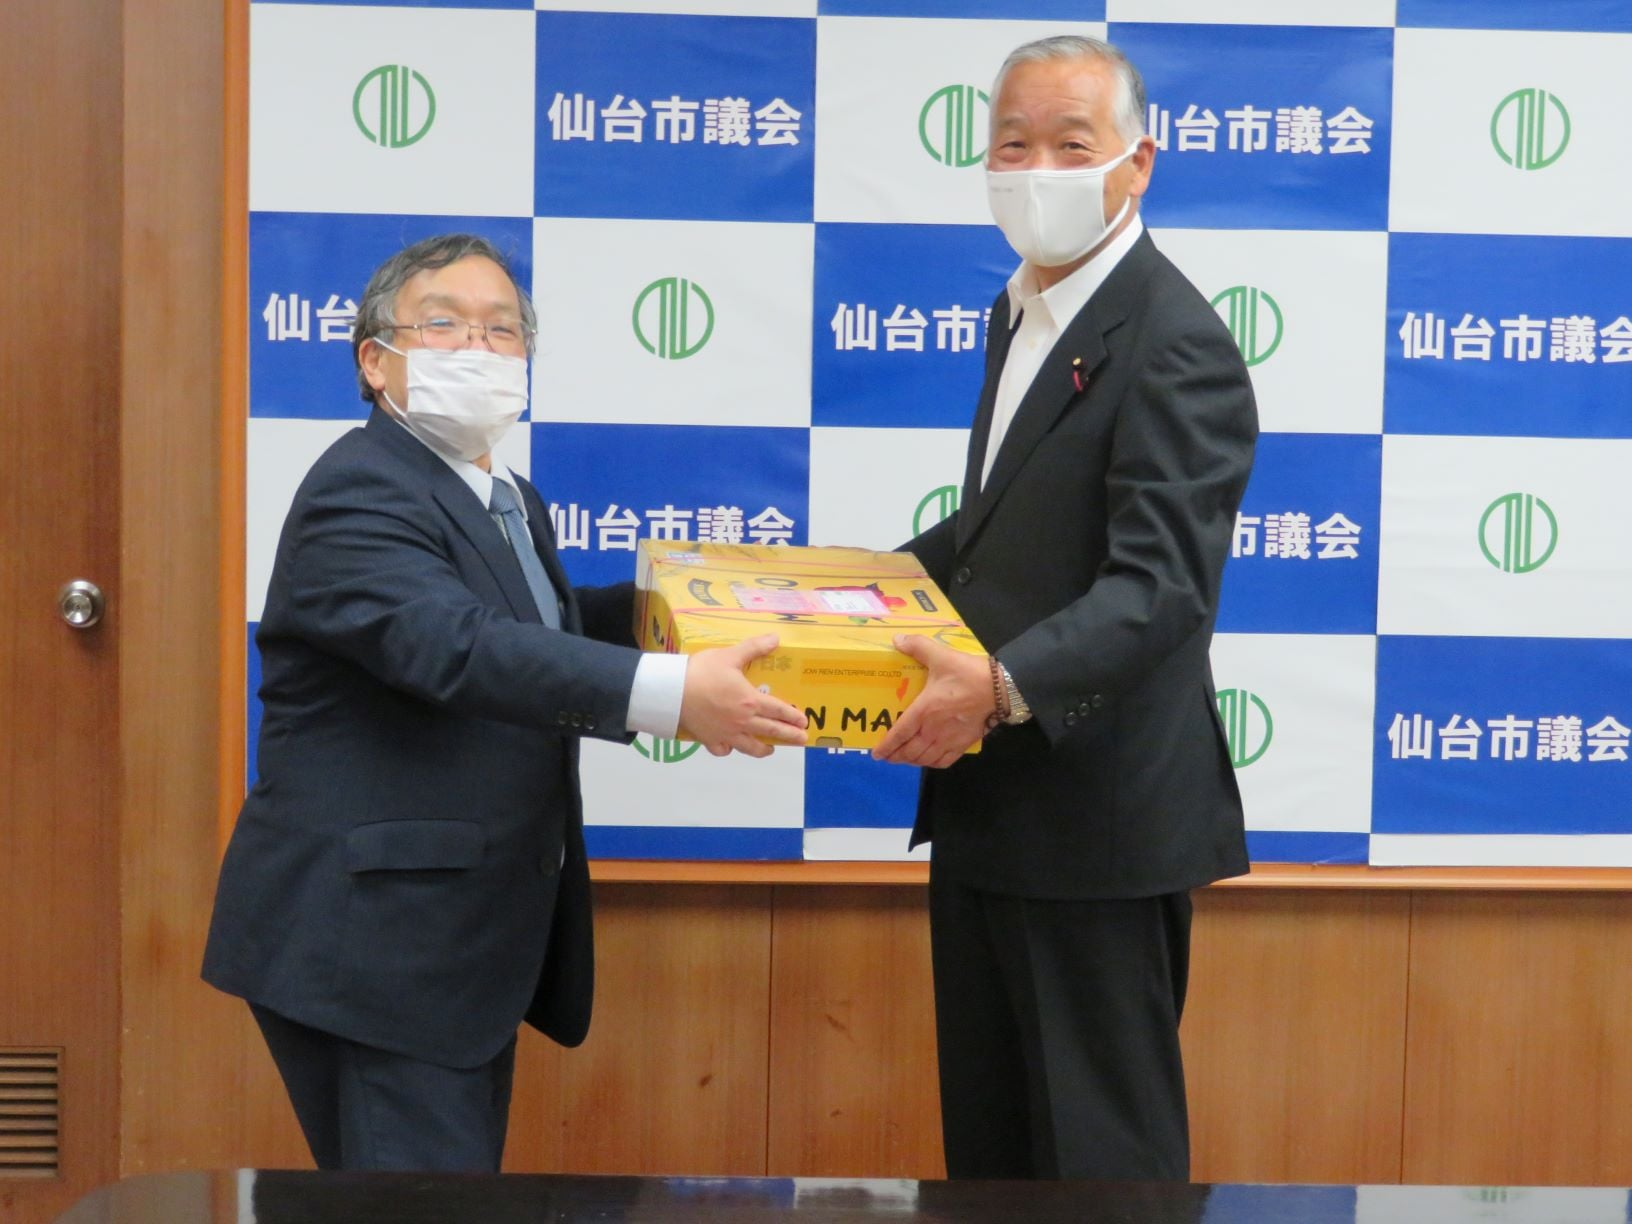 令和3年6月28日 仙台市障害者福祉協会の阿部一彦会長(日本身体障害者団体連合会会長)、同協会事務局長が野田譲仙台市議会議員の同道のもと来訪されました